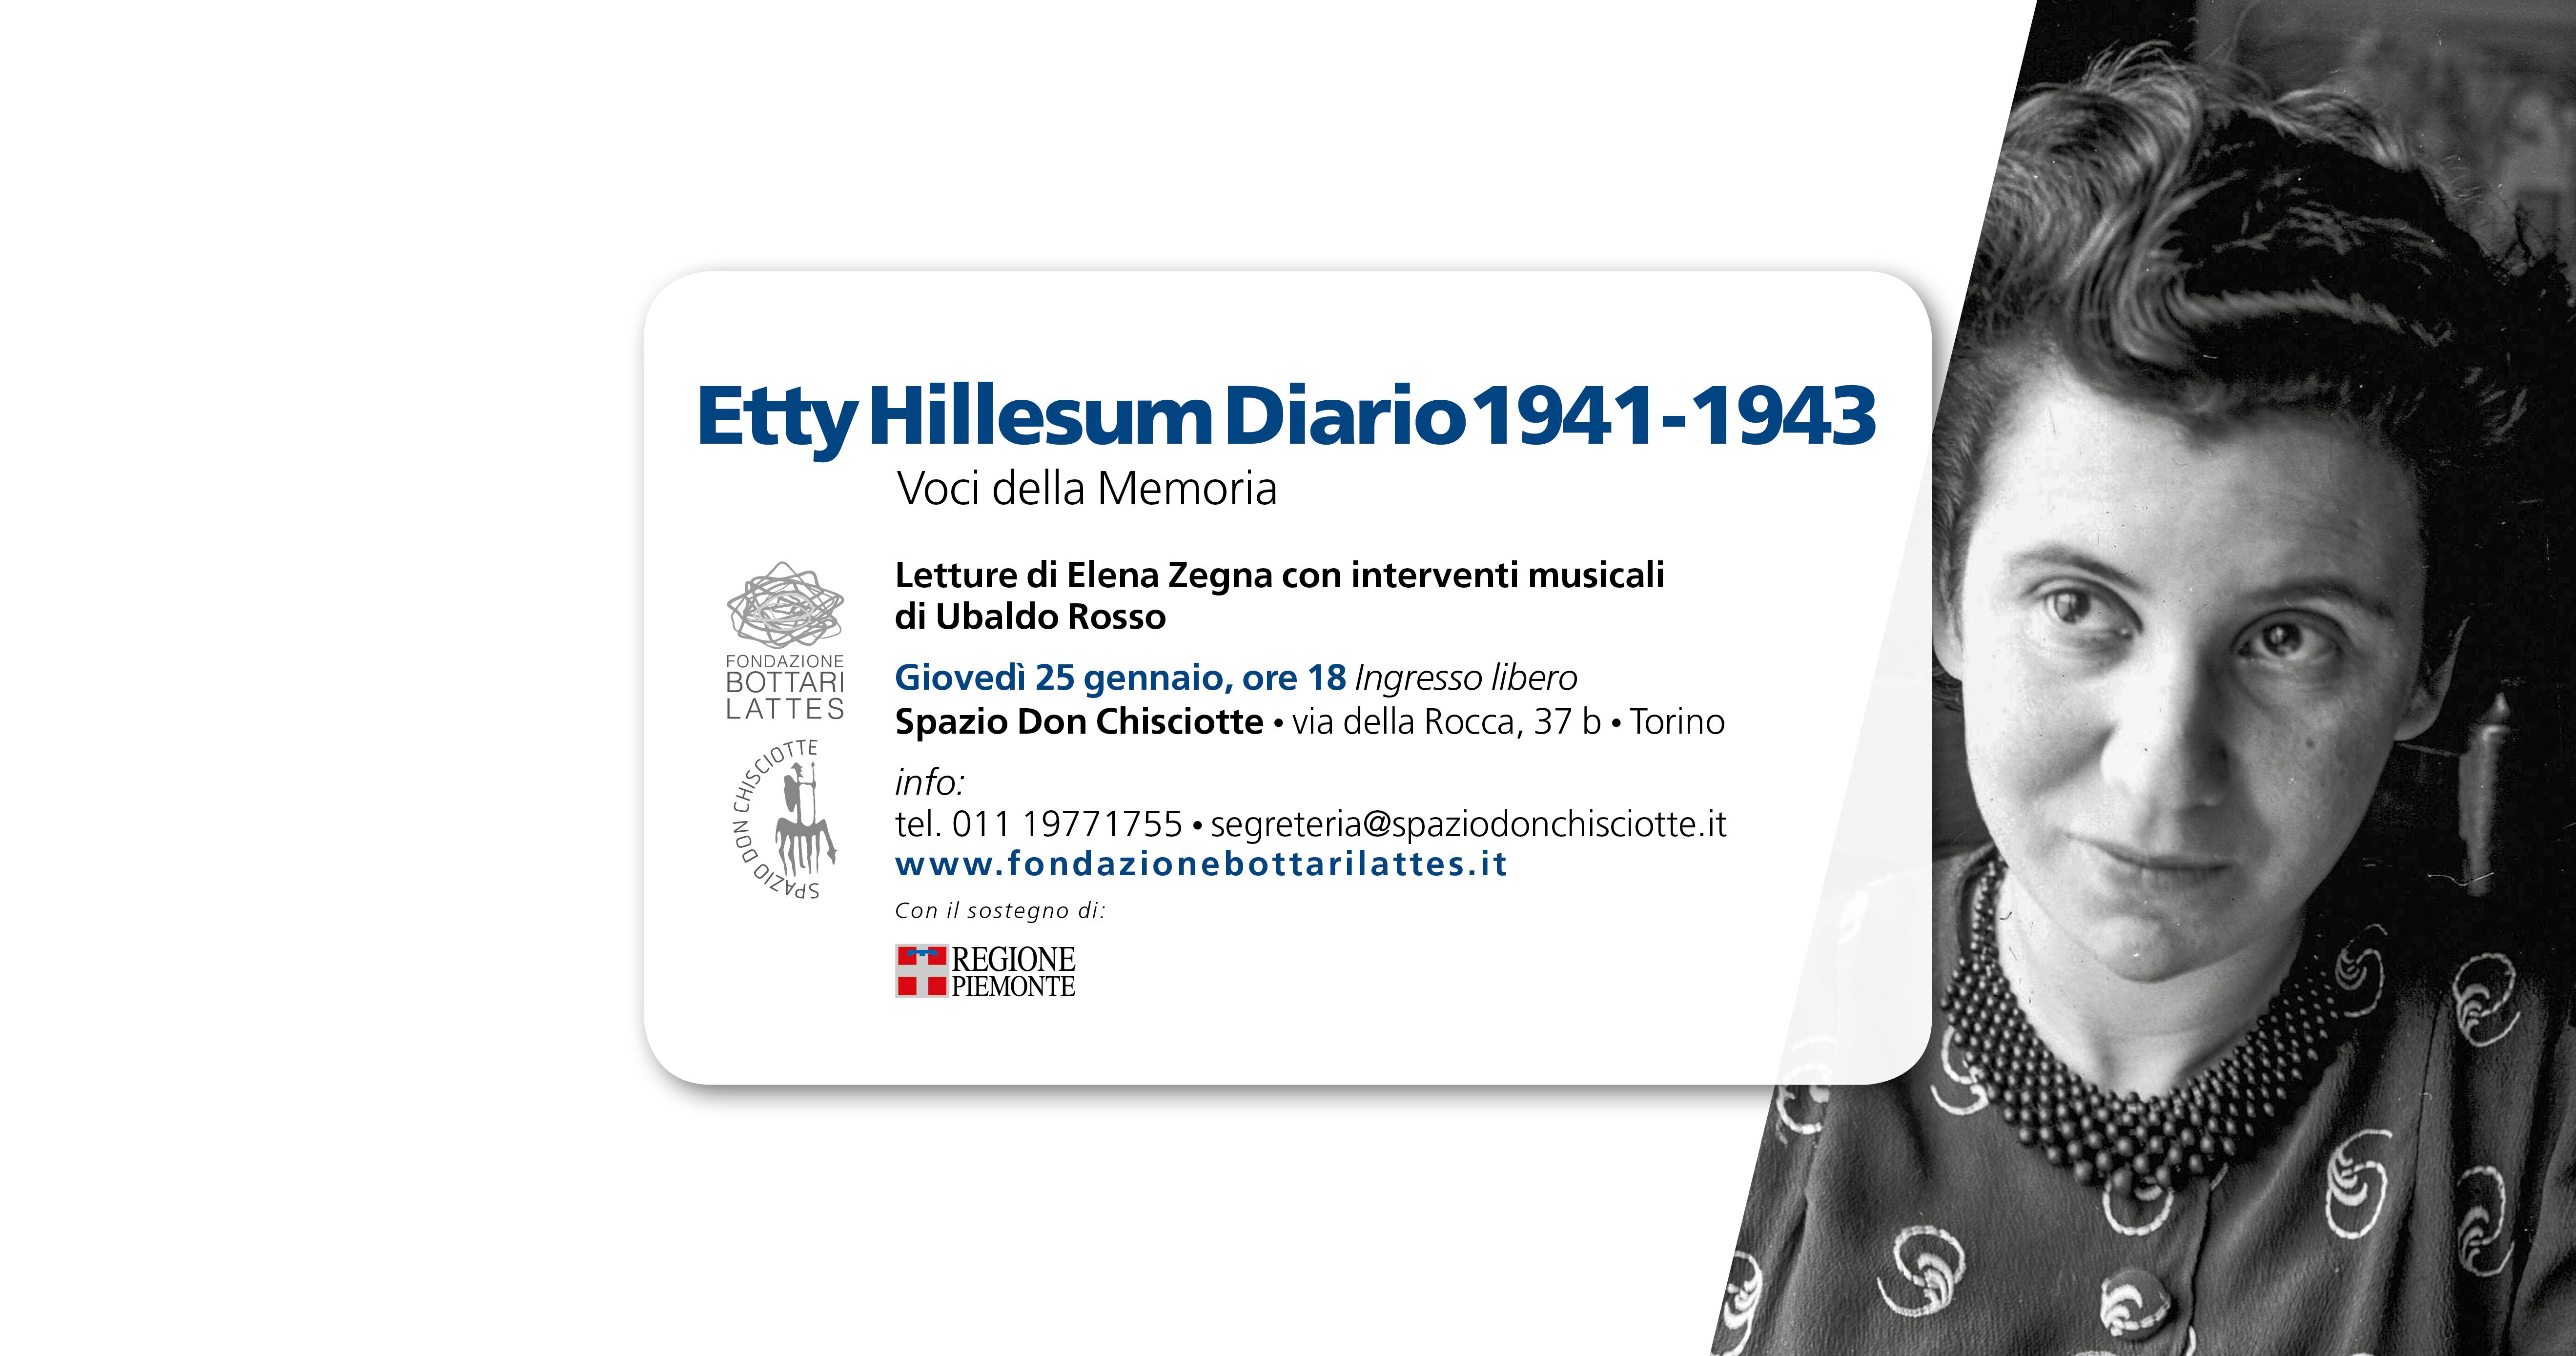 """Il """"Diario"""" di Etty Hillesum  per Il Giorno della Memoria  allo Spazio Don Chisciotte"""